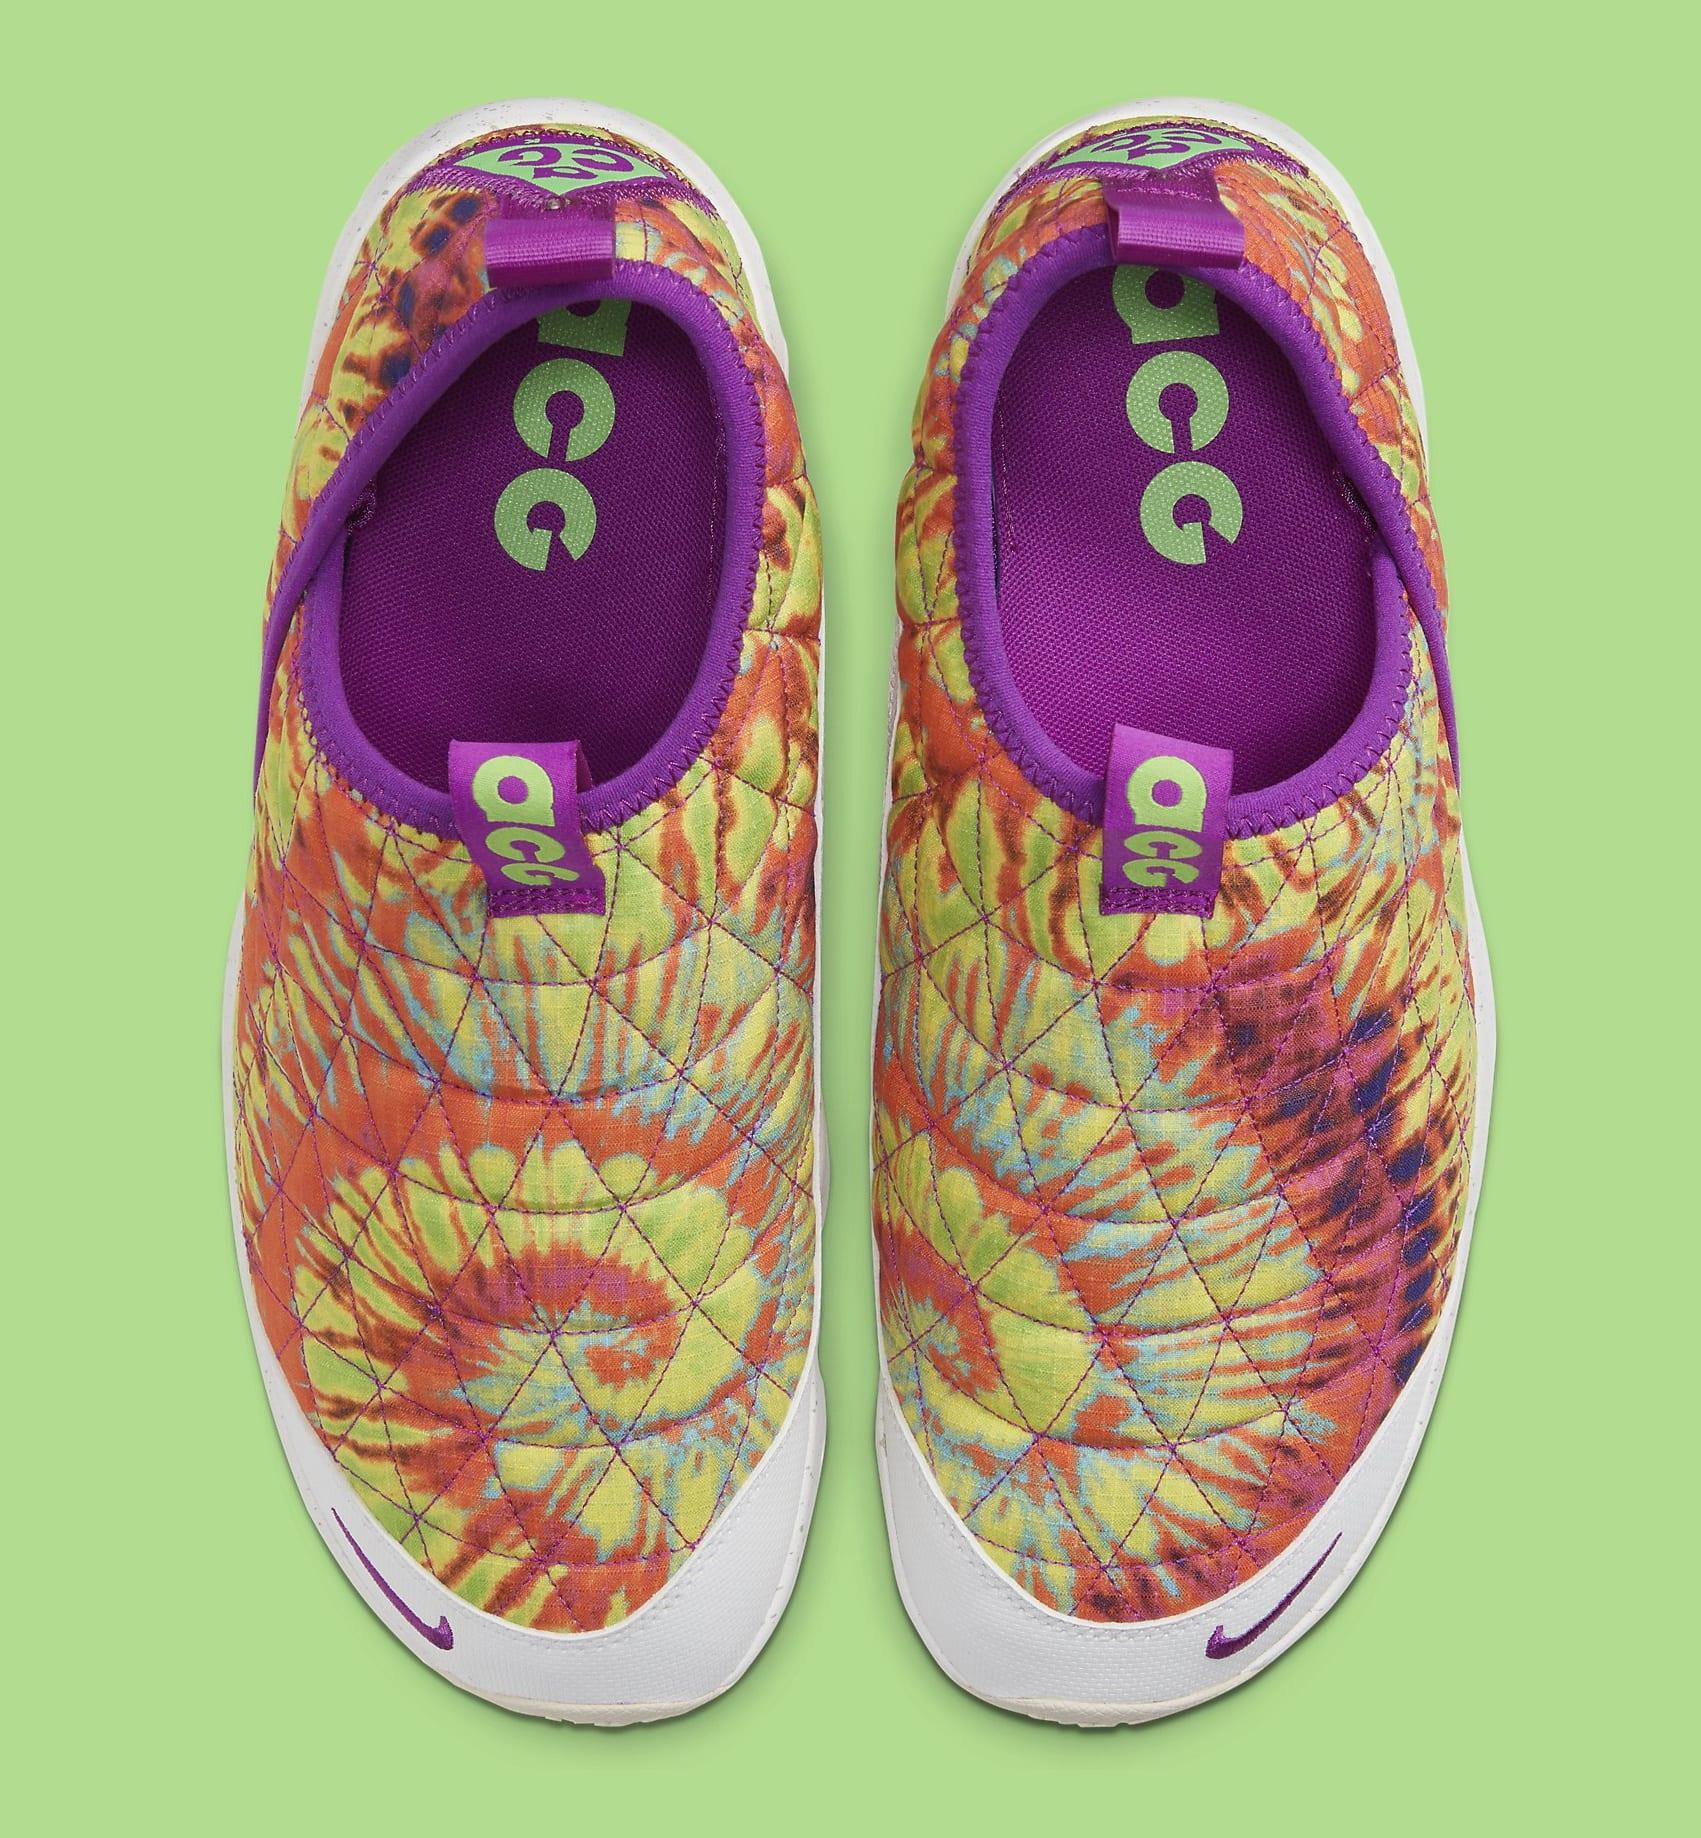 Nike ACG Moc 3.0 'Tie-Dye' CW2463-300 Top